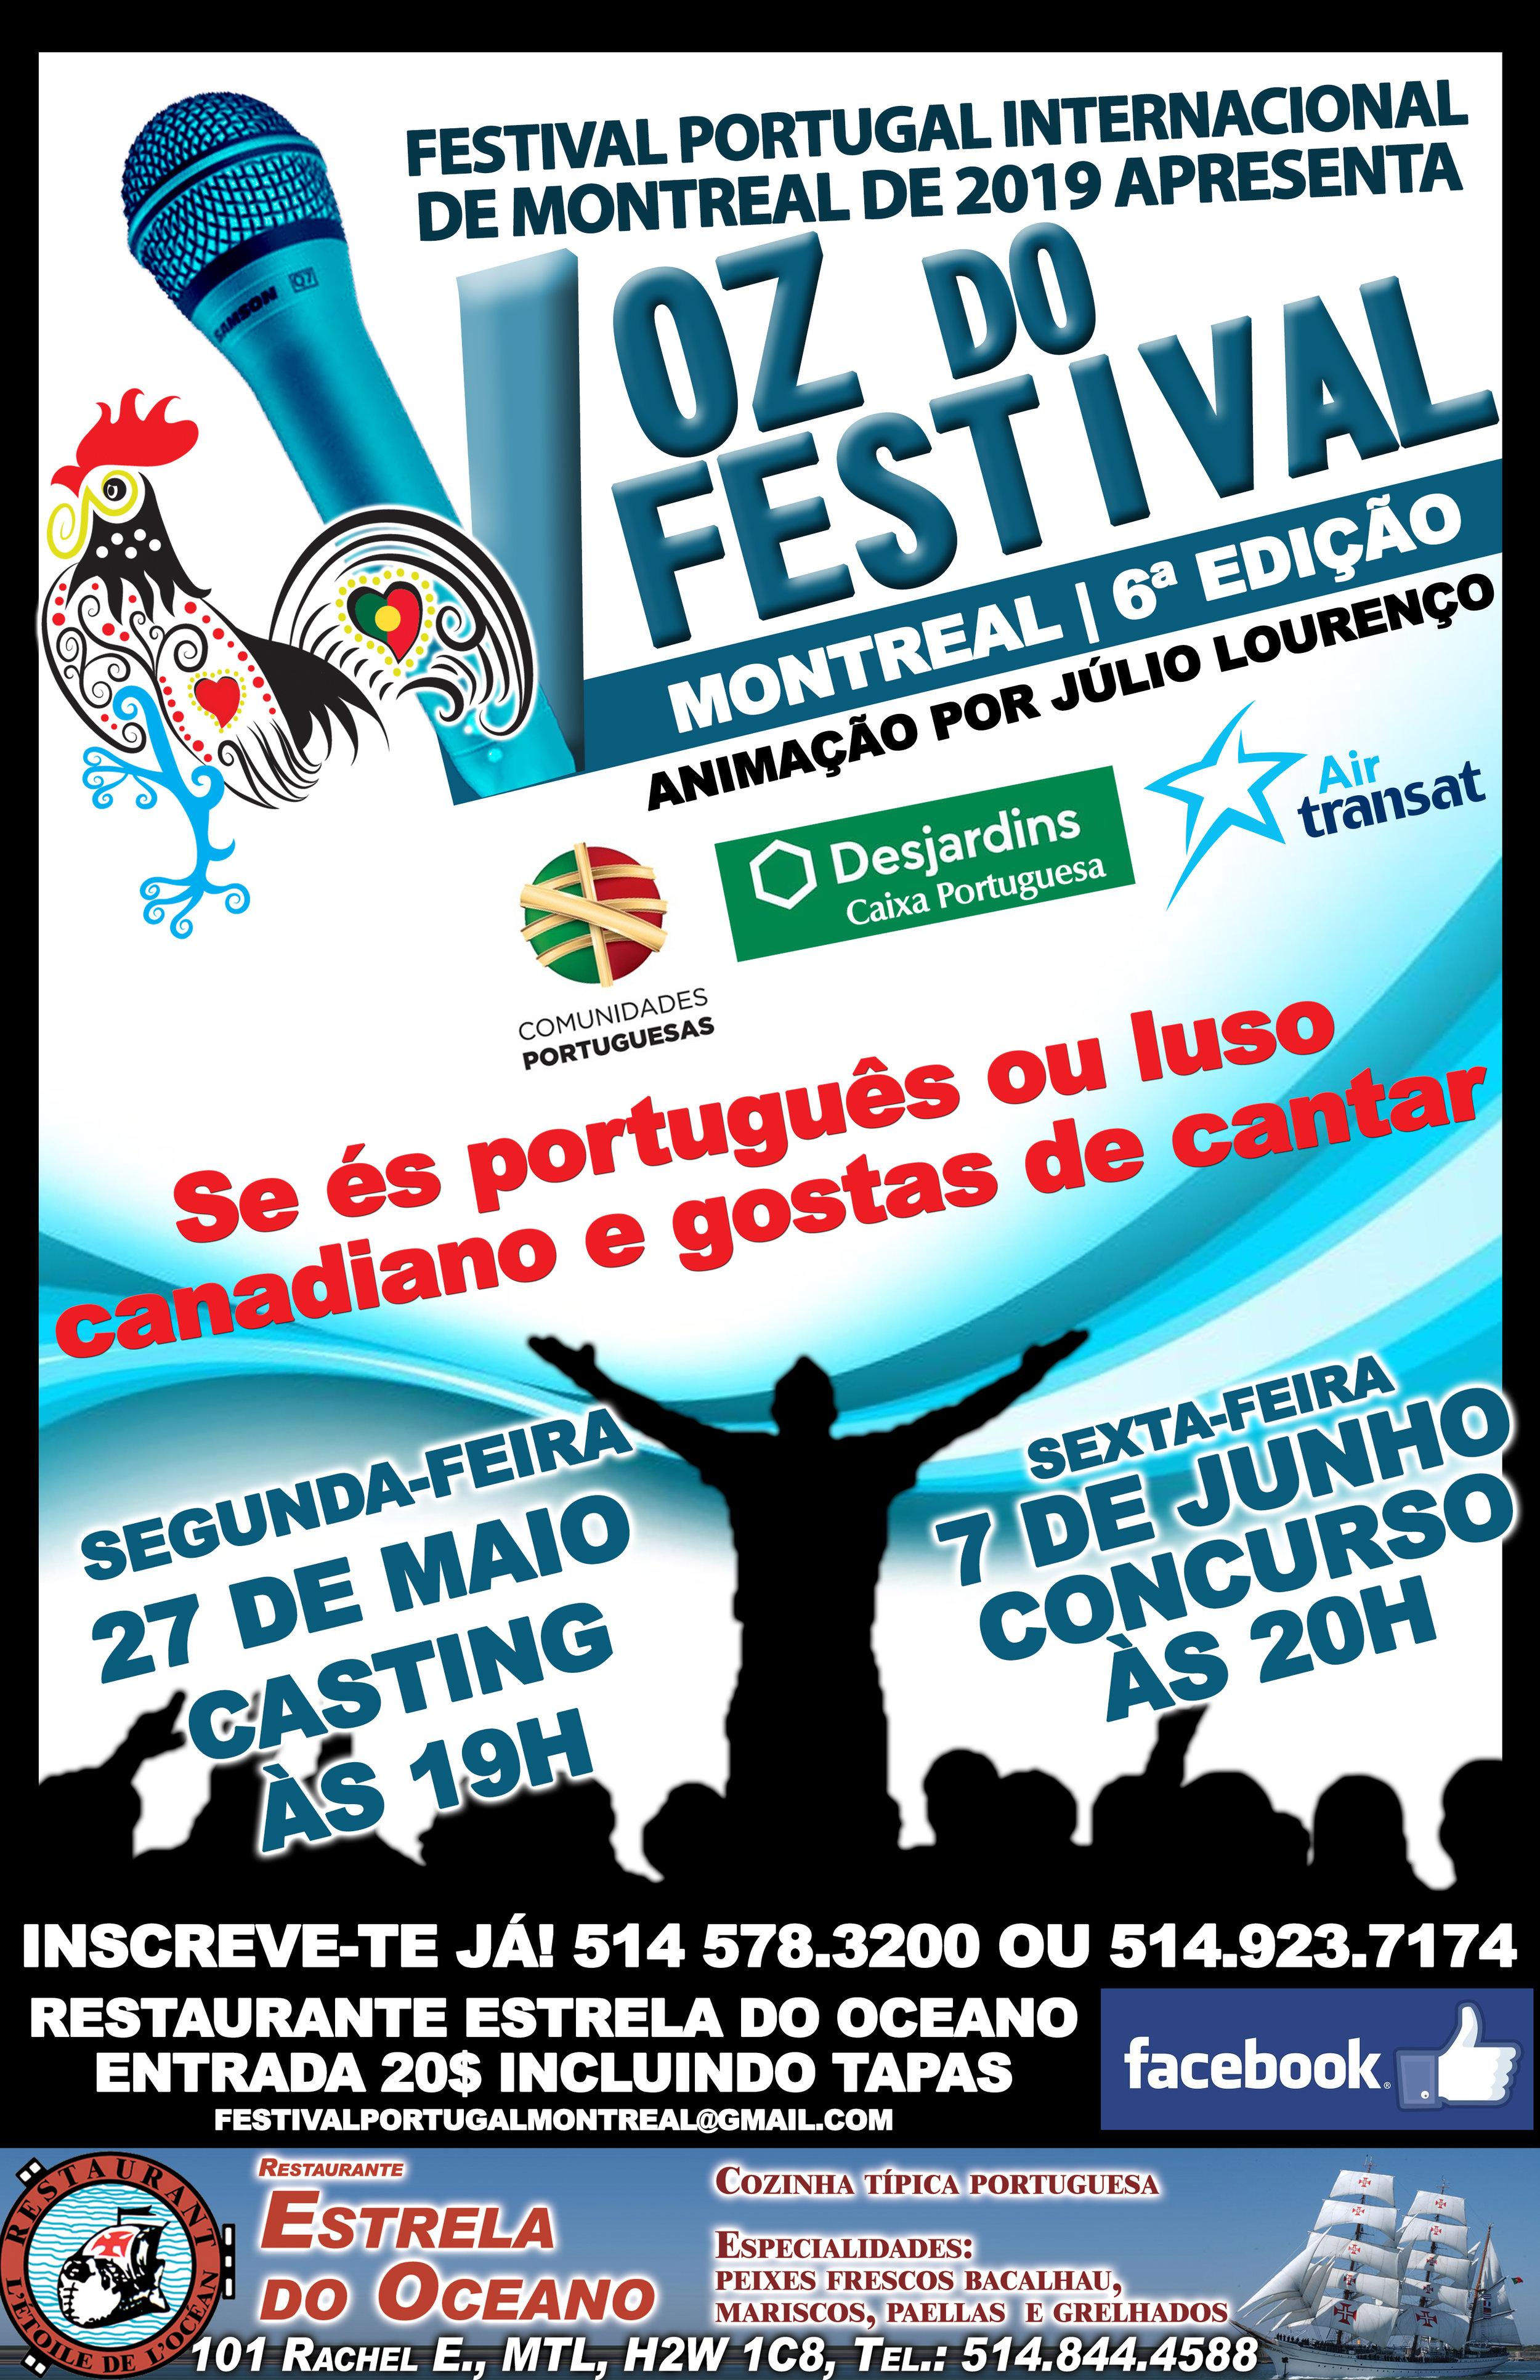 Cartaz-Voz Do Festival 2019.jpg